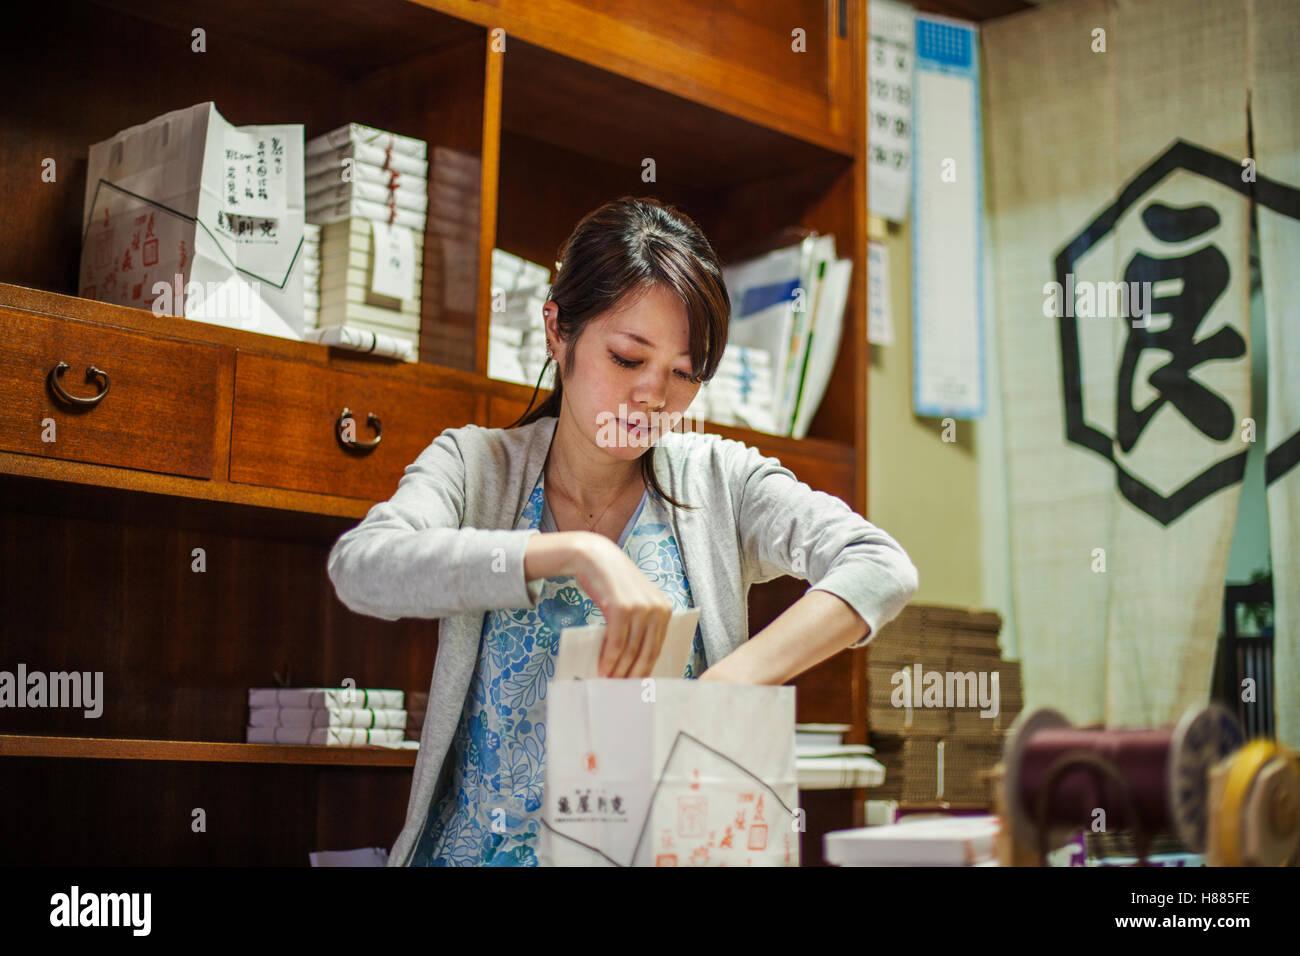 Eine kleinen Handwerker-Hersteller von Spezialisten behandelt, Süßigkeiten Wagashi genannt. Eine Frau Stockbild